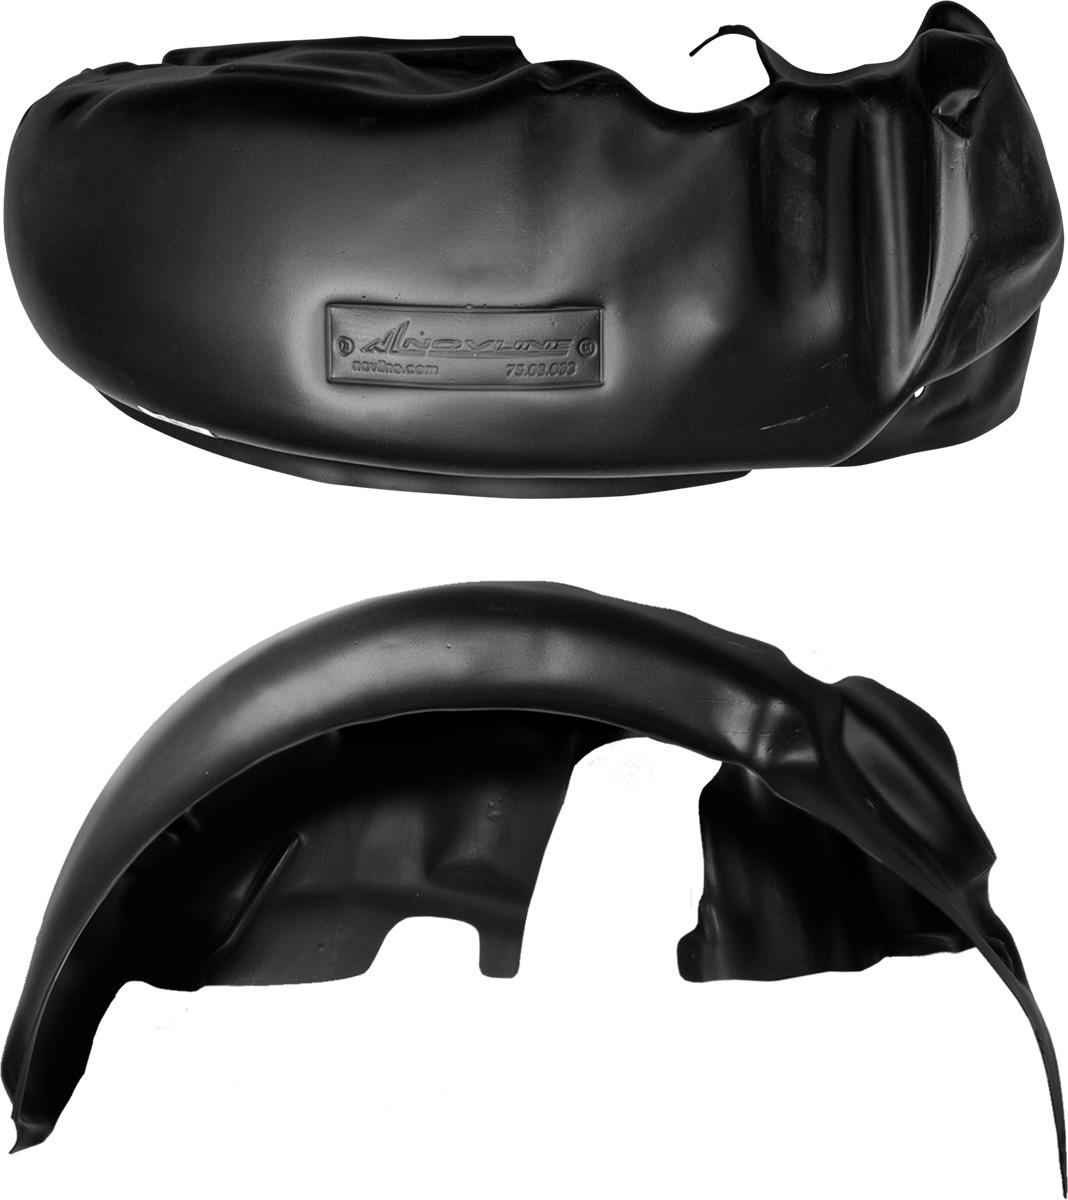 Подкрылок Novline-Autofamily, для Hyundai Solaris, 2014->, седан, передний левыйNLL.20.43.001Колесные ниши - одни из самых уязвимых зон днища вашего автомобиля. Они постоянно подвергаются воздействию со стороны дороги. Лучшая, почти абсолютная защита для них - специально отформованные пластиковые кожухи, которые называются подкрылками. Производятся они как для отечественных моделей автомобилей, так и для иномарок. Подкрылки Novline-Autofamily выполнены из высококачественного, экологически чистого пластика. Обеспечивают надежную защиту кузова автомобиля от пескоструйного эффекта и негативного влияния, агрессивных антигололедных реагентов. Пластик обладает более низкой теплопроводностью, чем металл, поэтому в зимний период эксплуатации использование пластиковых подкрылков позволяет лучше защитить колесные ниши от налипания снега и образования наледи. Оригинальность конструкции подчеркивает элегантность автомобиля, бережно защищает нанесенное на днище кузова антикоррозийное покрытие и позволяет осуществить крепление подкрылков внутри колесной арки практически без дополнительного крепежа и сверления, не нарушая при этом лакокрасочного покрытия, что предотвращает возникновение новых очагов коррозии. Подкрылки долговечны, обладают высокой прочностью и сохраняют заданную форму, а также все свои физико-механические характеристики в самых тяжелых климатических условиях (от -50°С до +50°С).Уважаемые клиенты!Обращаем ваше внимание, на тот факт, что подкрылок имеет форму, соответствующую модели данного автомобиля. Фото служит для визуального восприятия товара.